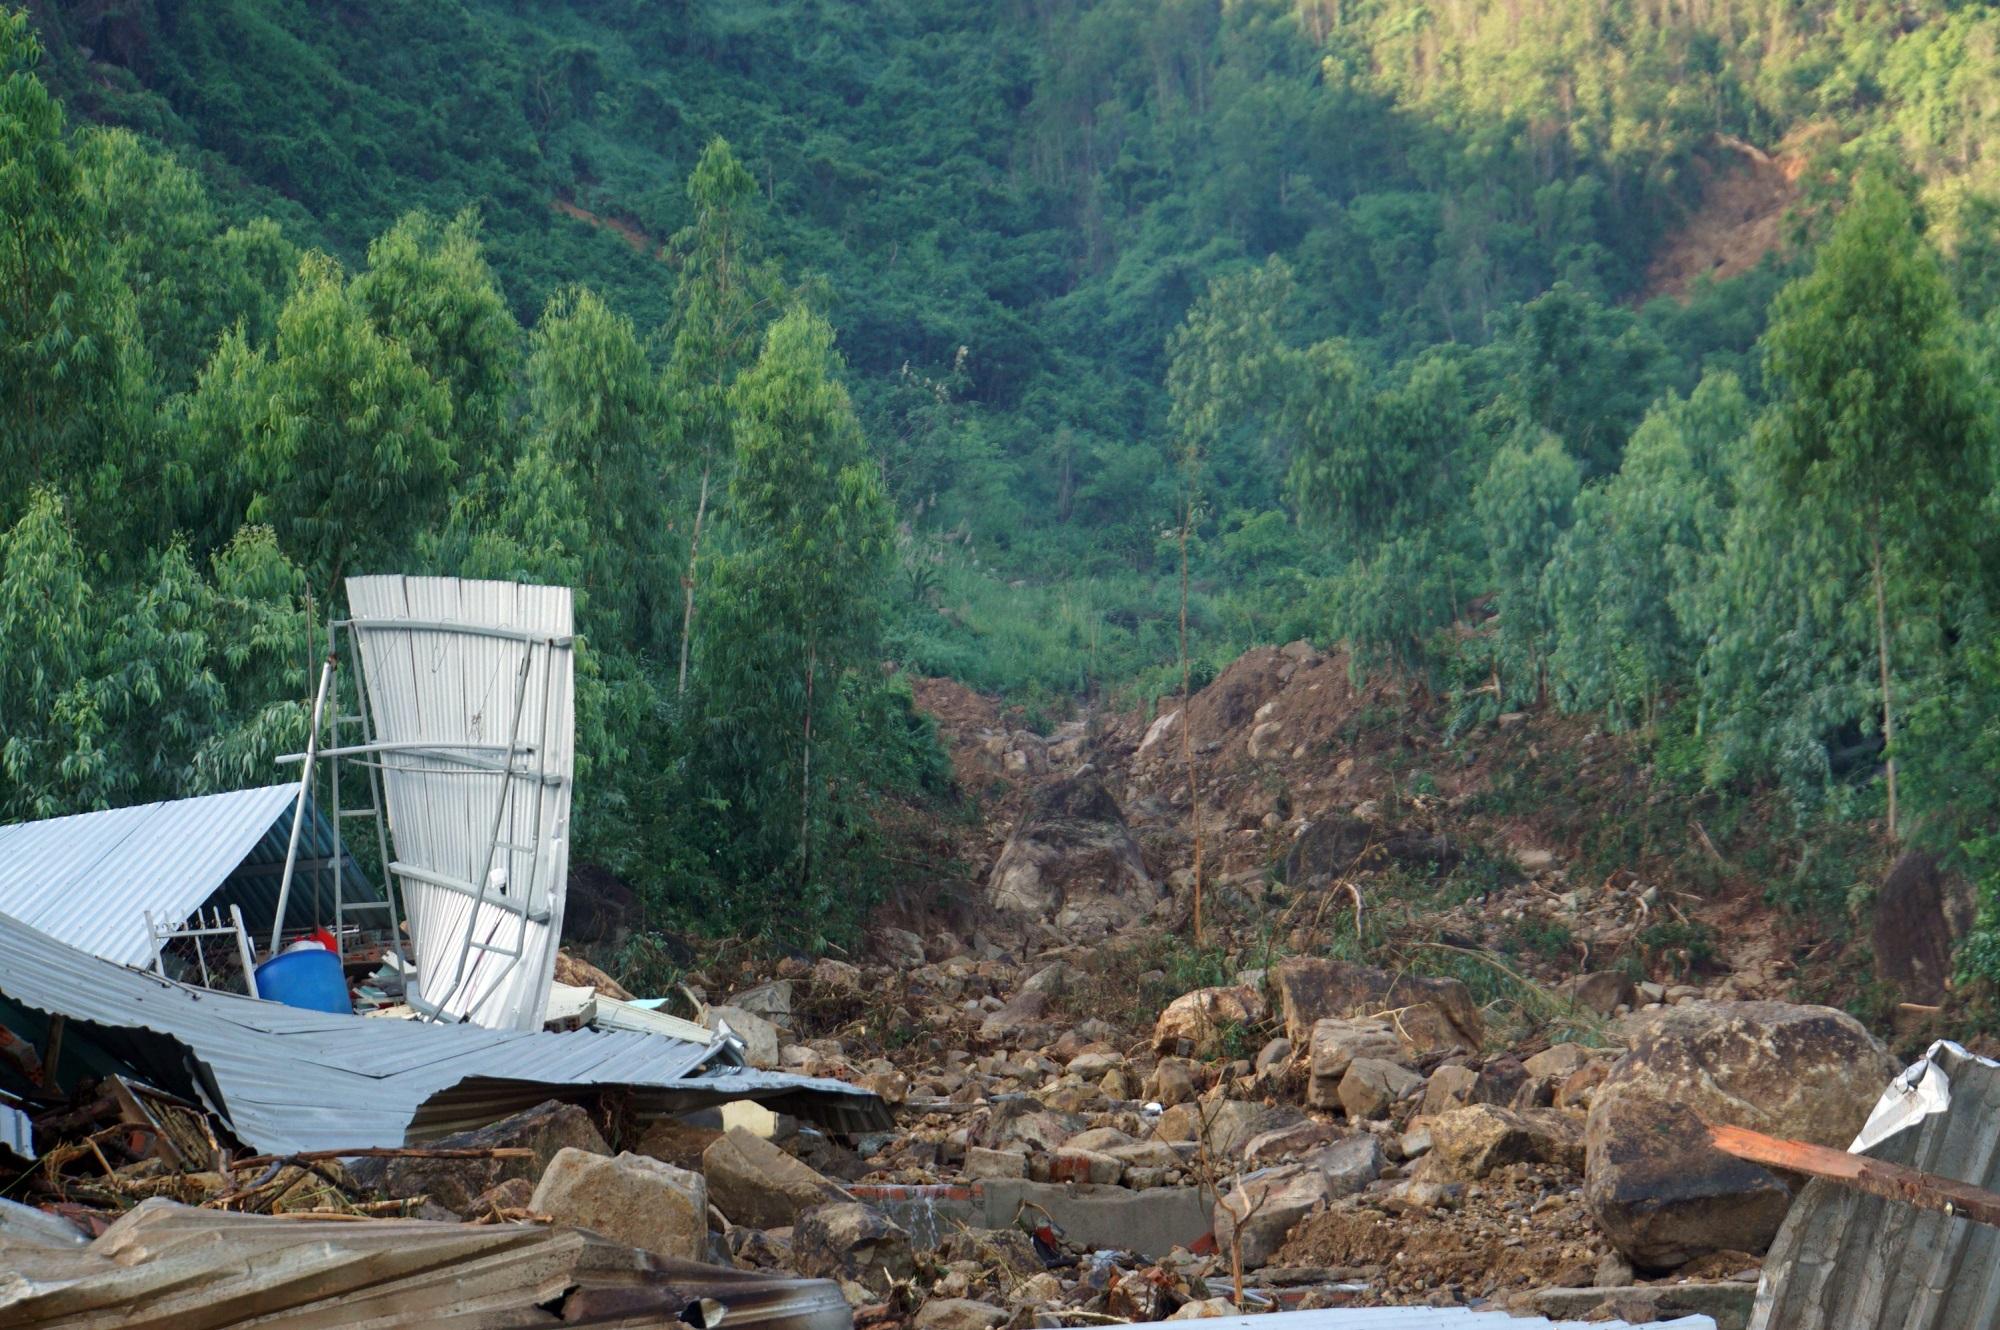 Thôn nghèo tan hoang, 5 người chết và mất tích sau cơn thịnh nộ của thiên nhiên - Ảnh 9